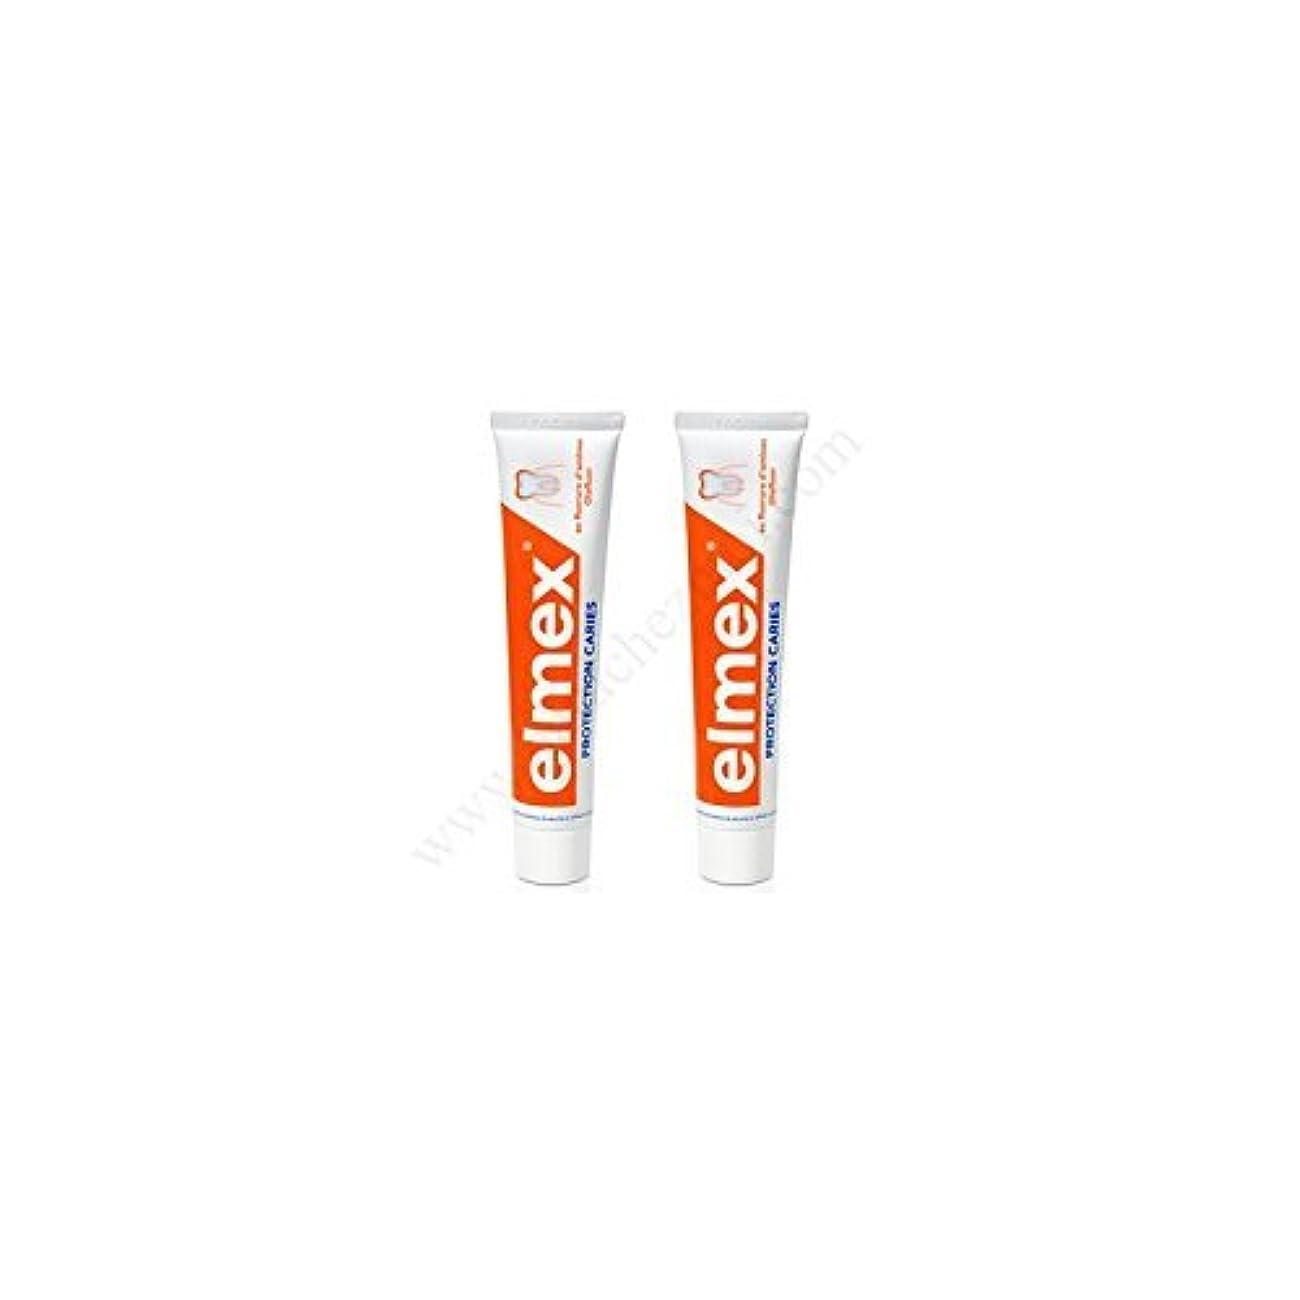 照らすグローブ報いるElmex Decays Prevention Toothpaste 2x75ml by Elmex [並行輸入品]